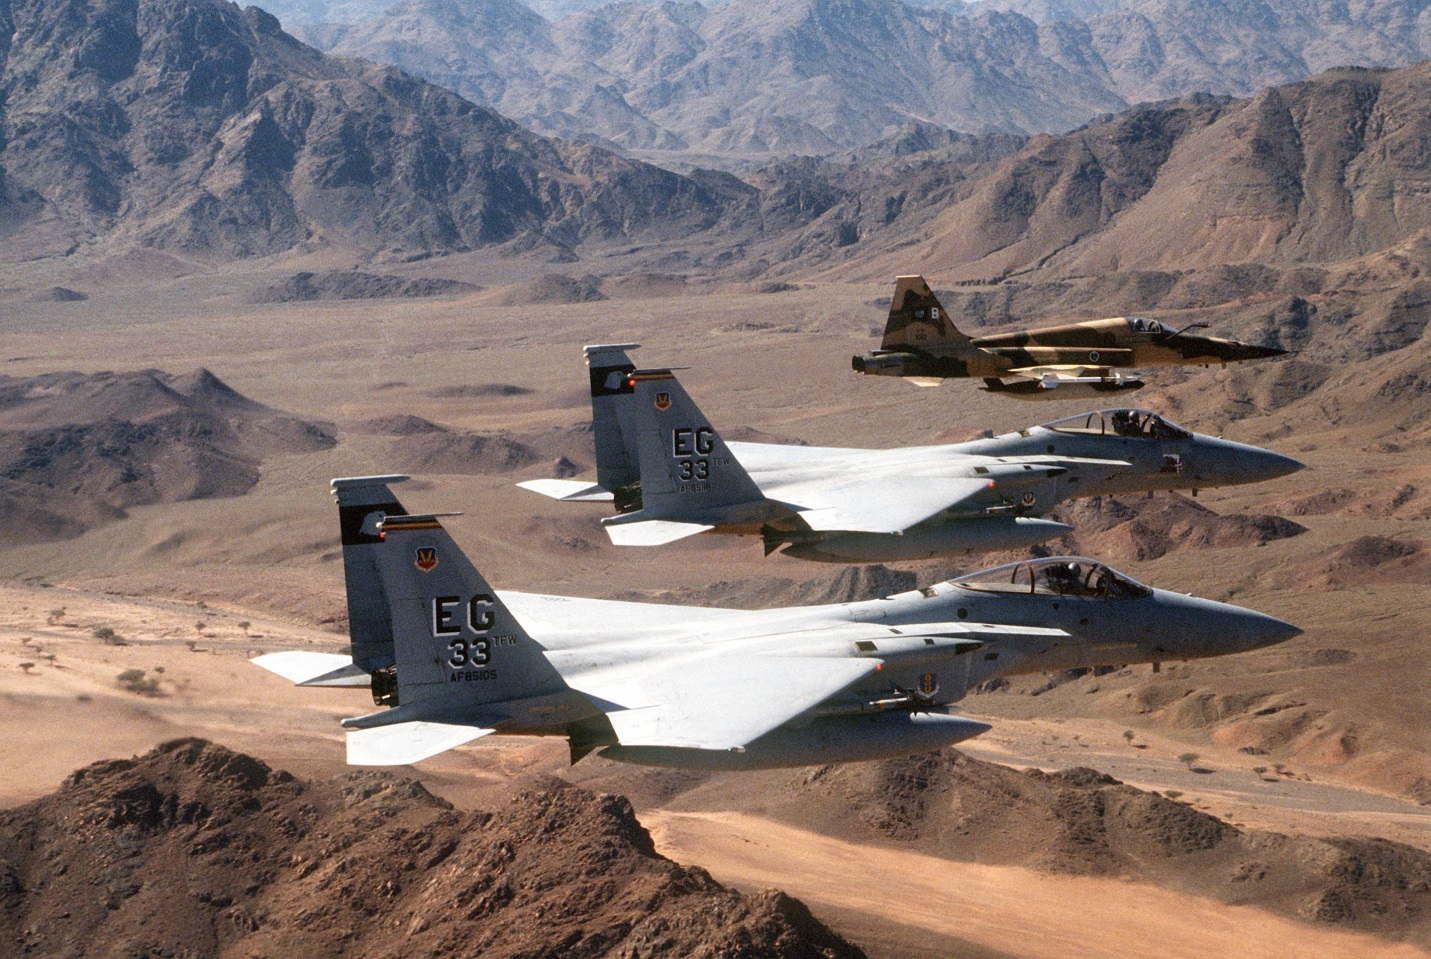 Chiến dịch Bão táp Sa mạc đã làm thay đổi chiến tranh trên không thế nào?